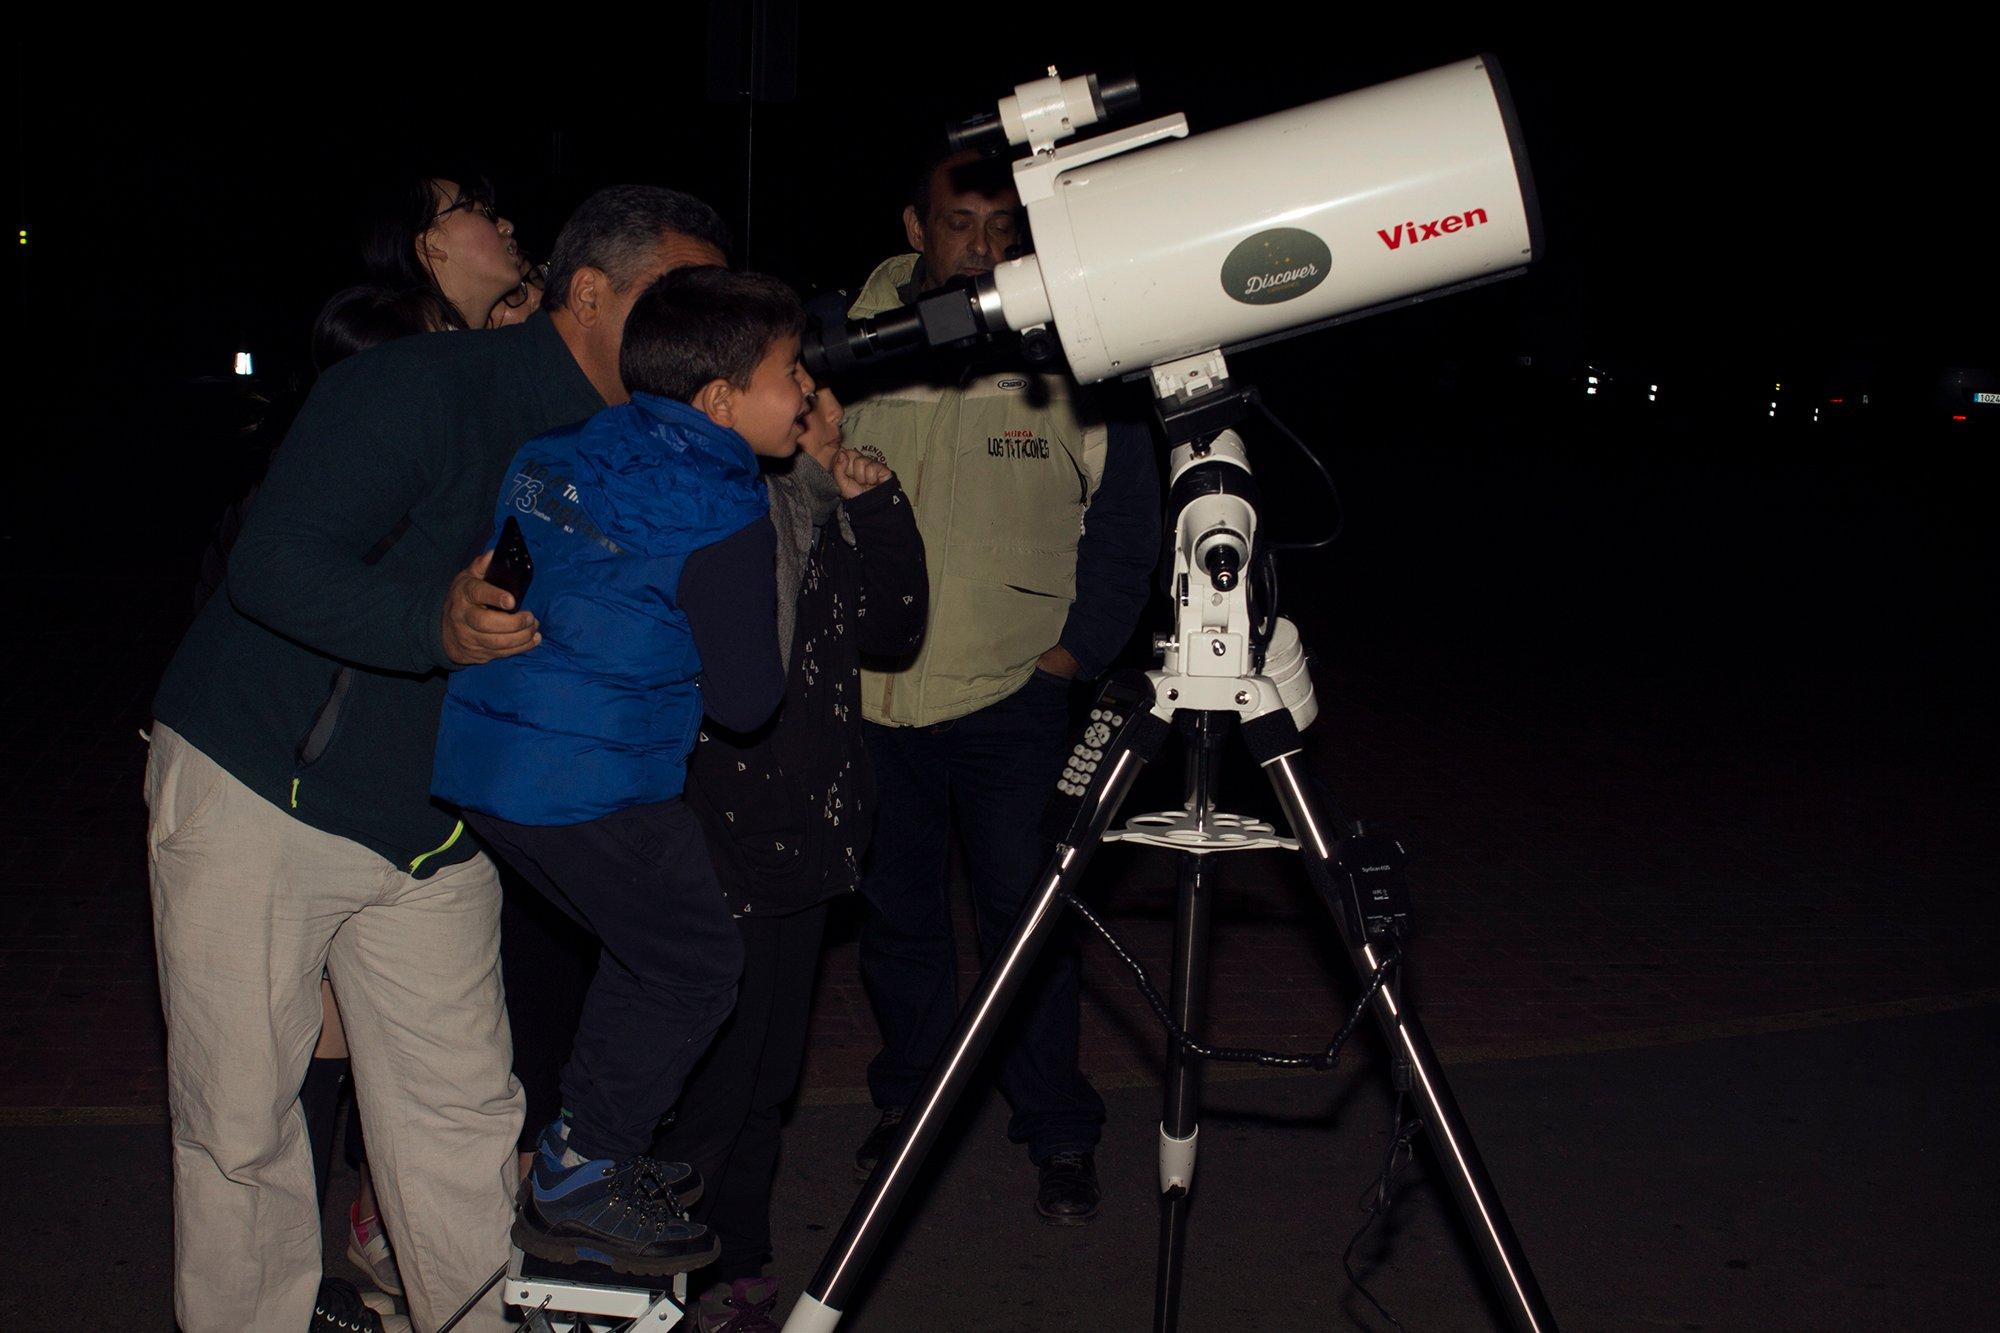 Visitare il Teide con i bambini e osservare le stelle in famiglia